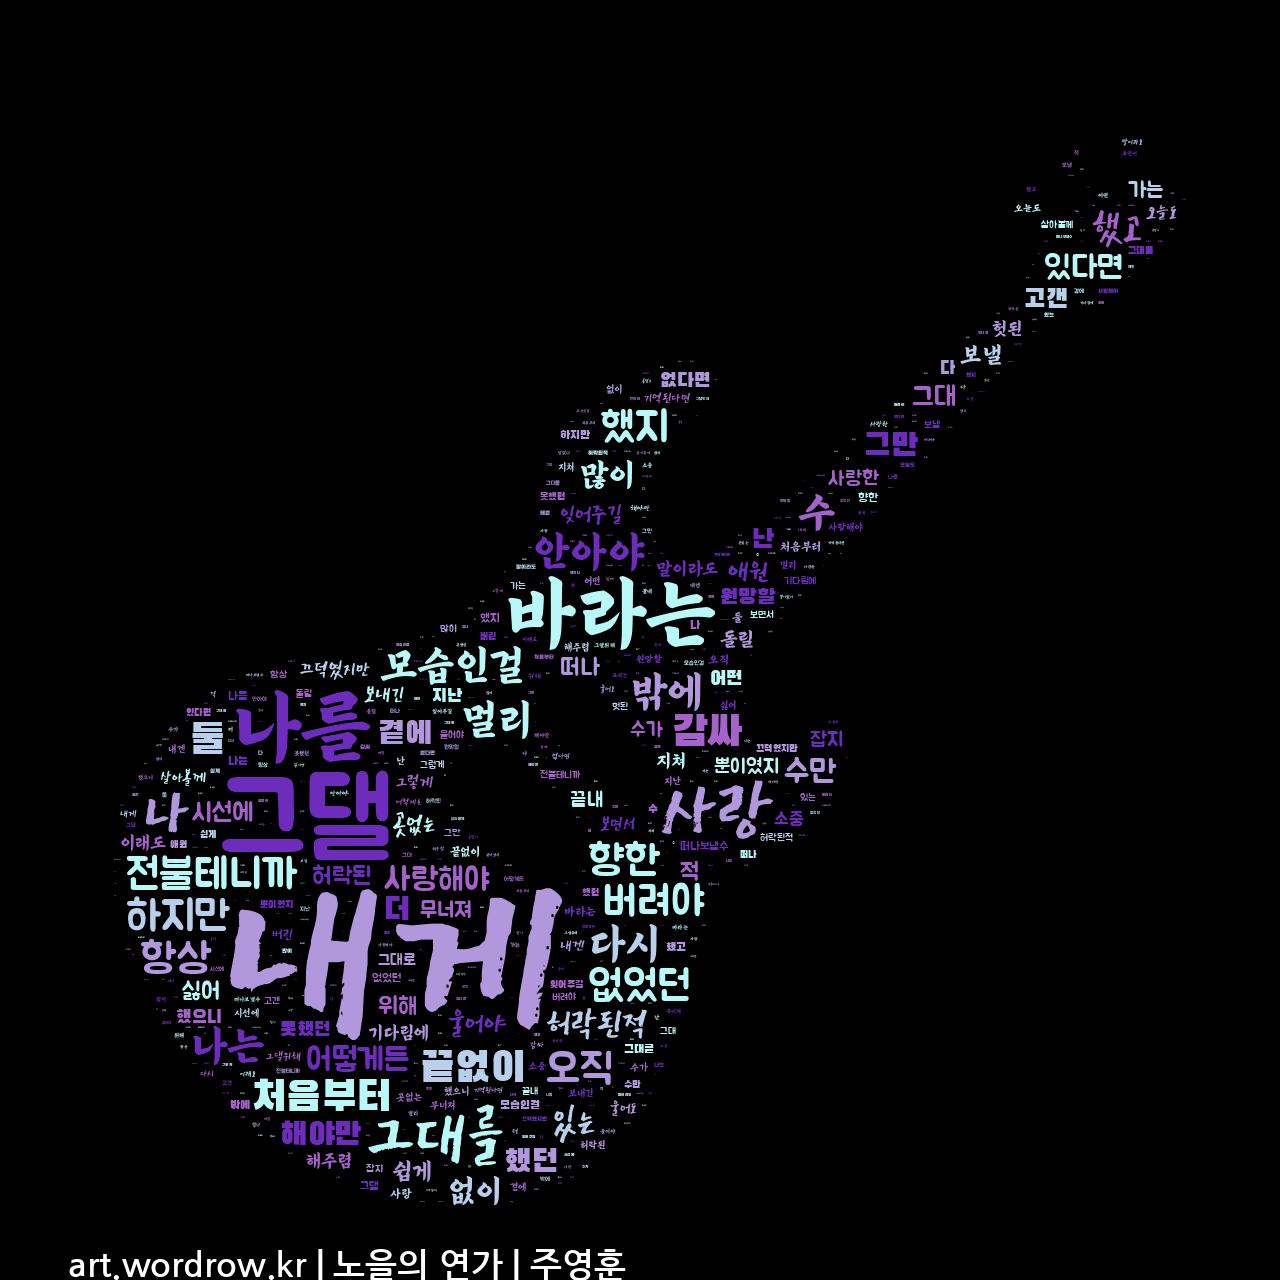 워드 클라우드: 노을의 연가 [주영훈]-36